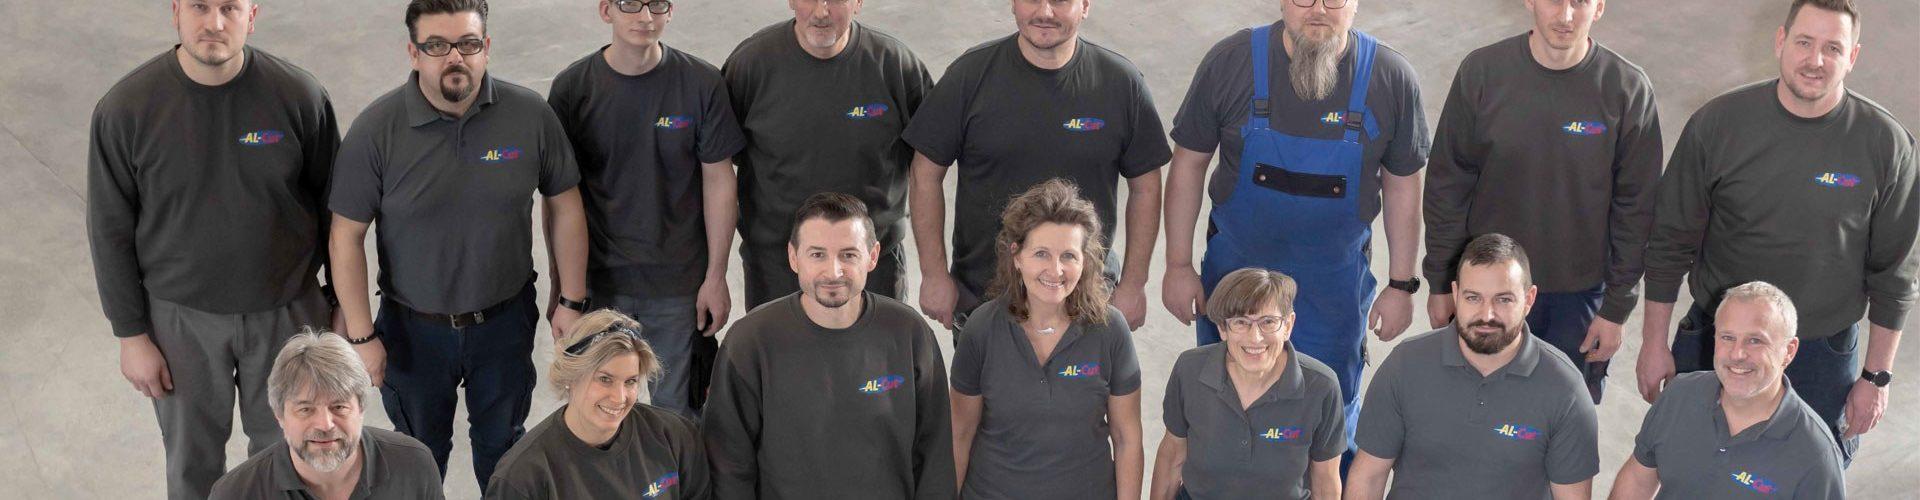 Al Cut Banner Team